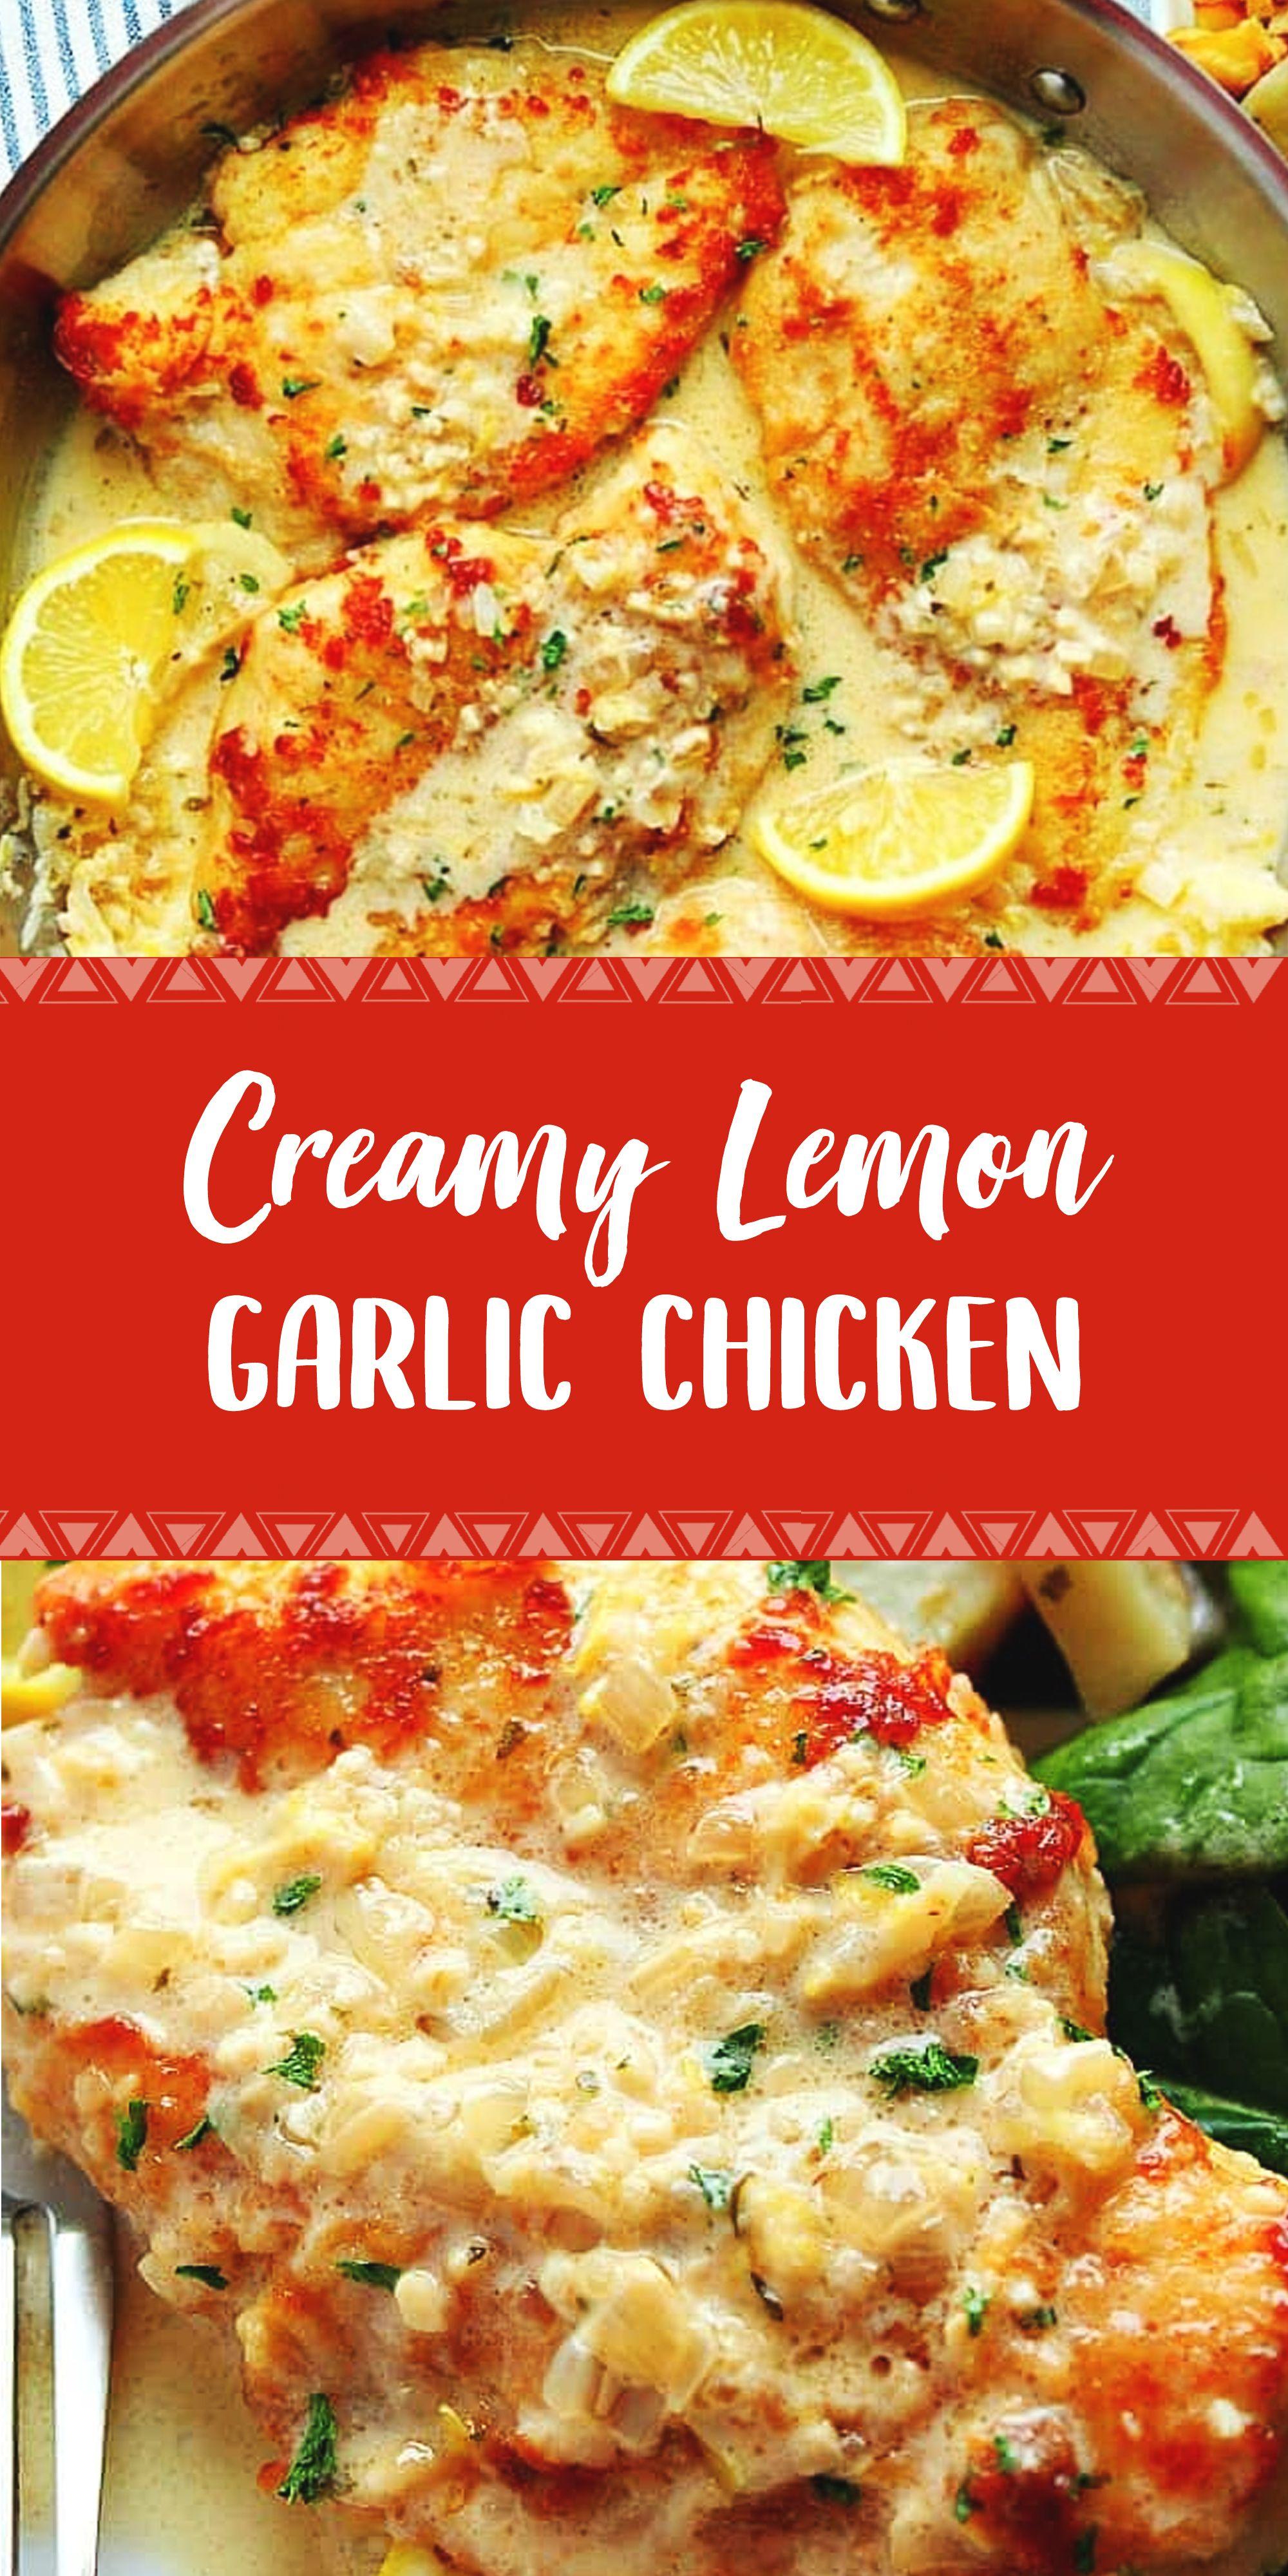 Creamy Lemon Garlic Chicken Recipe In 2020 Chicken Recipes Best Chicken Recipes Chicken Dinner Recipes